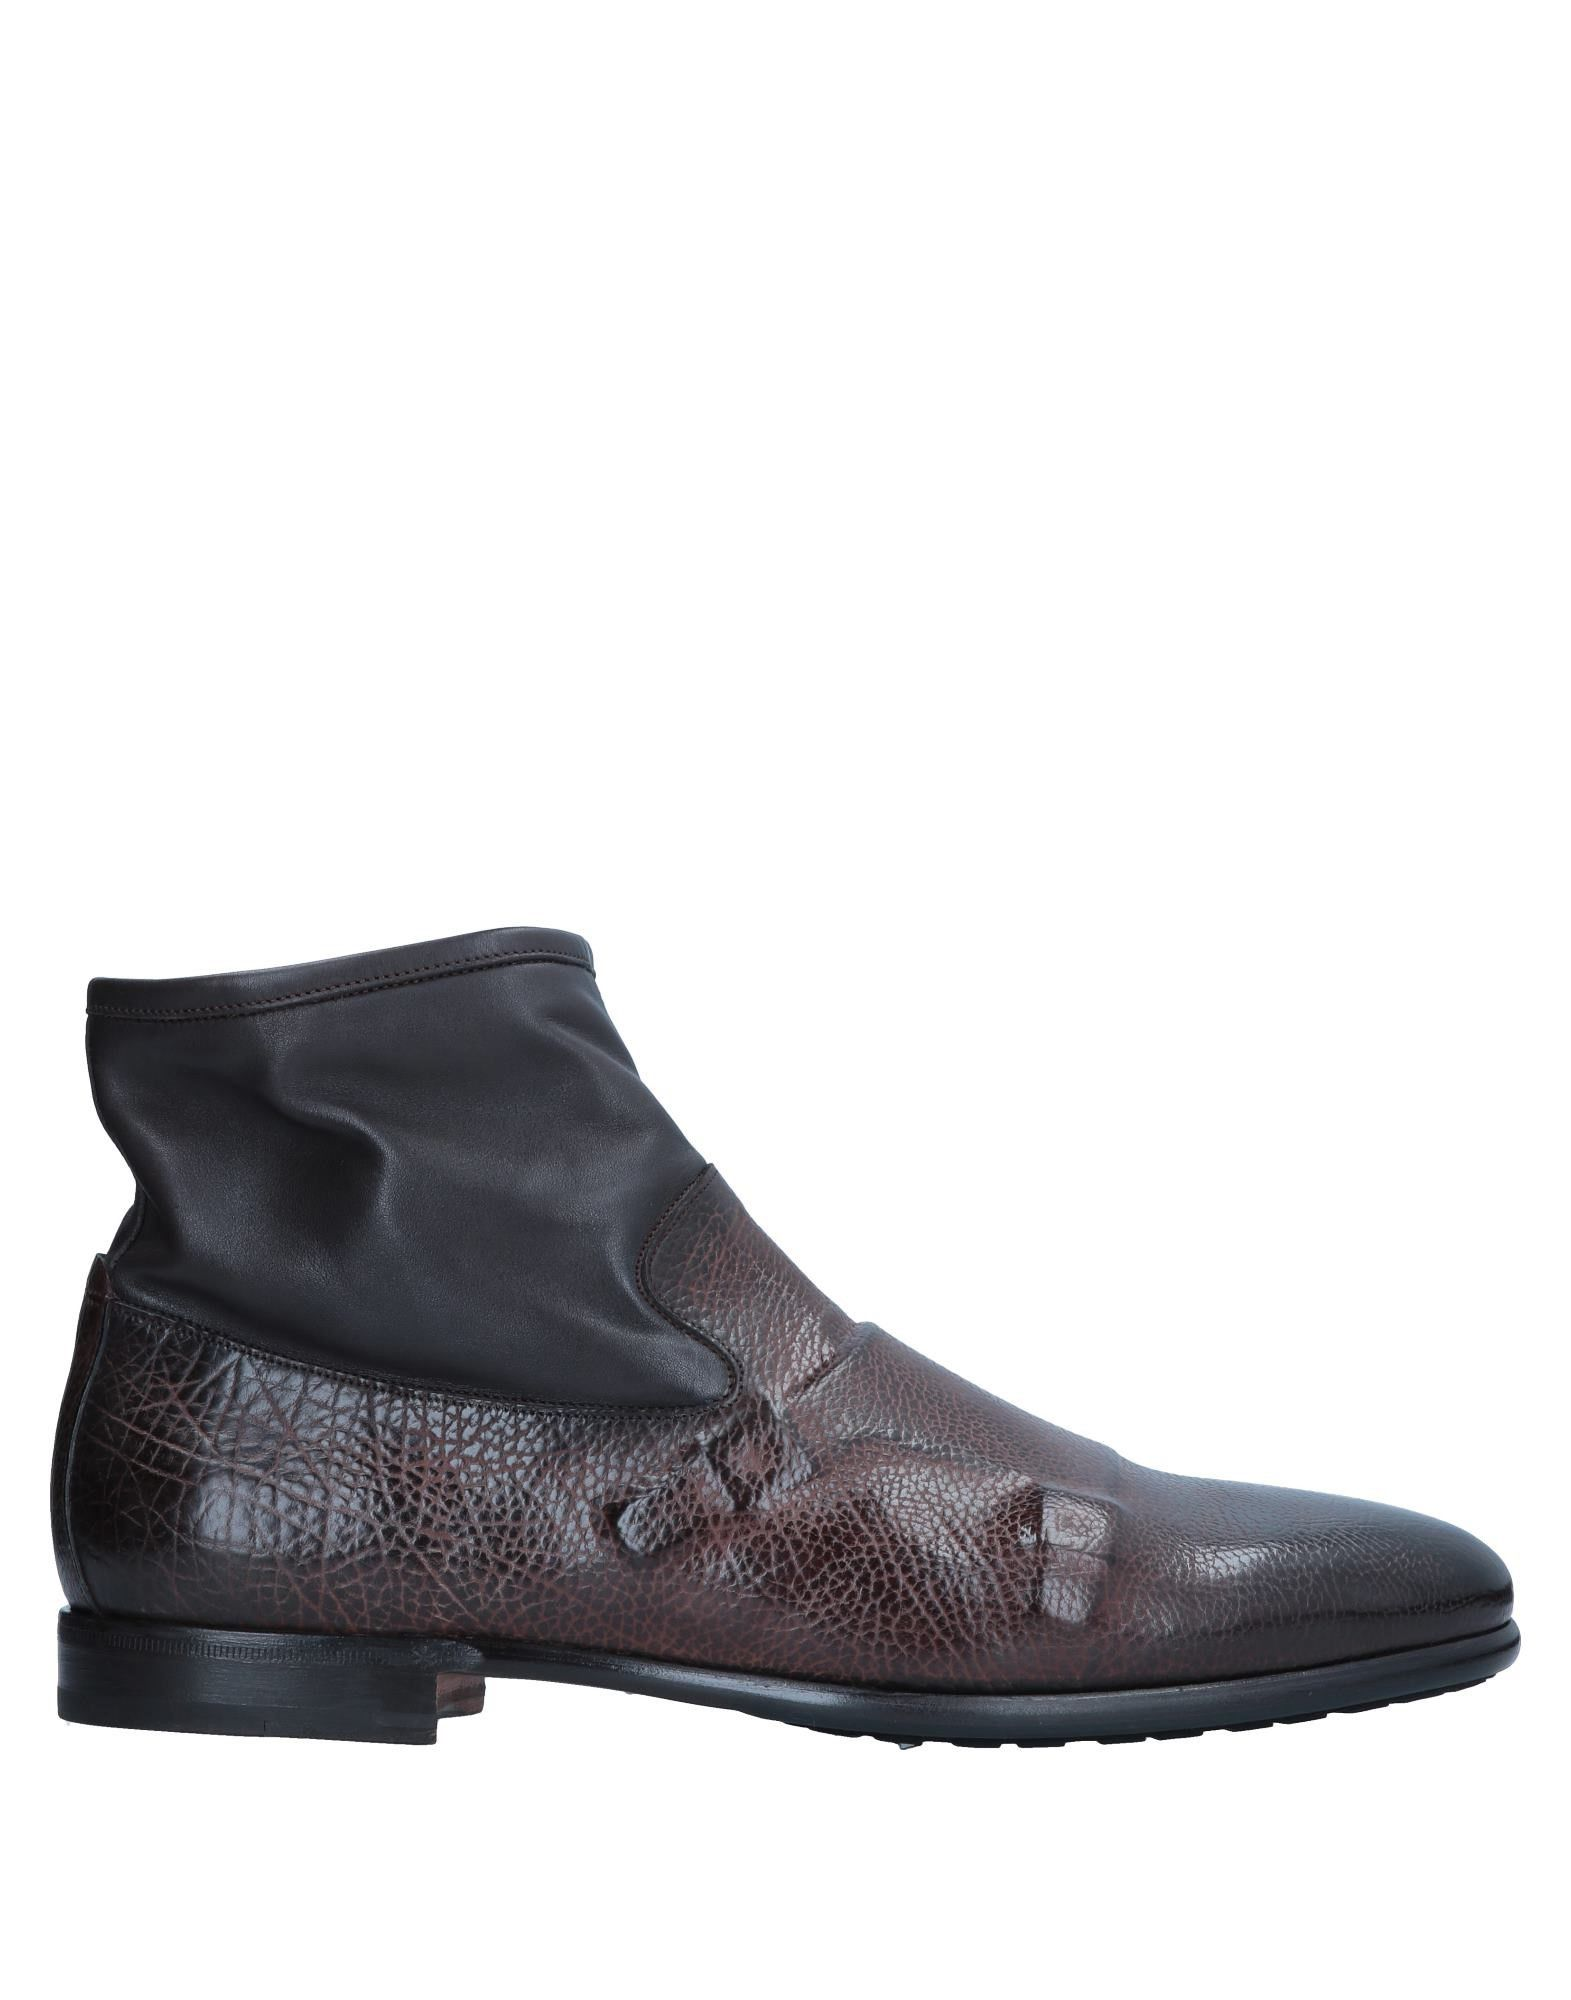 Santoni Stiefelette Herren  11543218CX Gute Qualität beliebte Schuhe